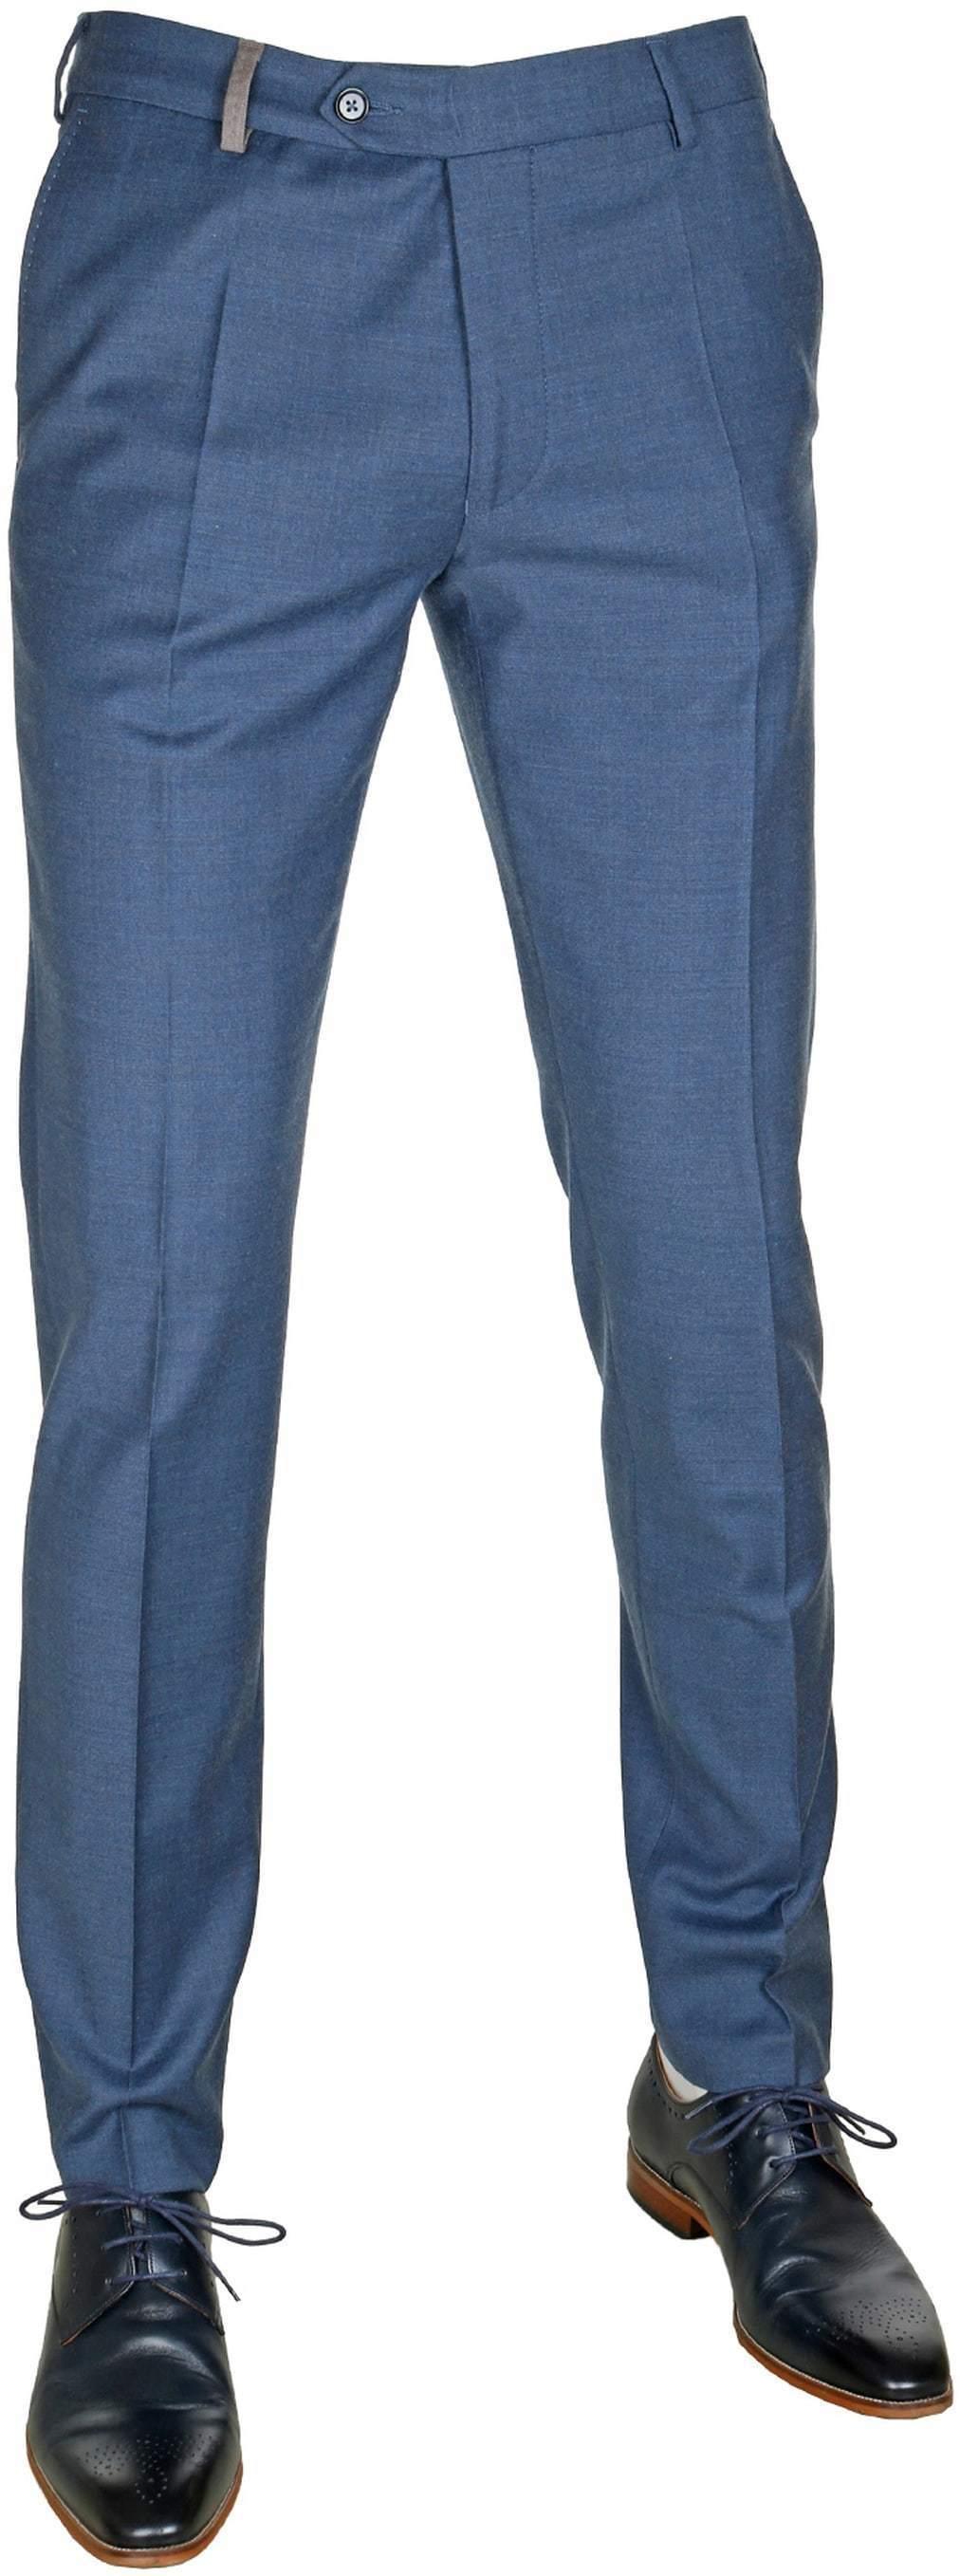 Suitable Pantalon Blauw foto 0